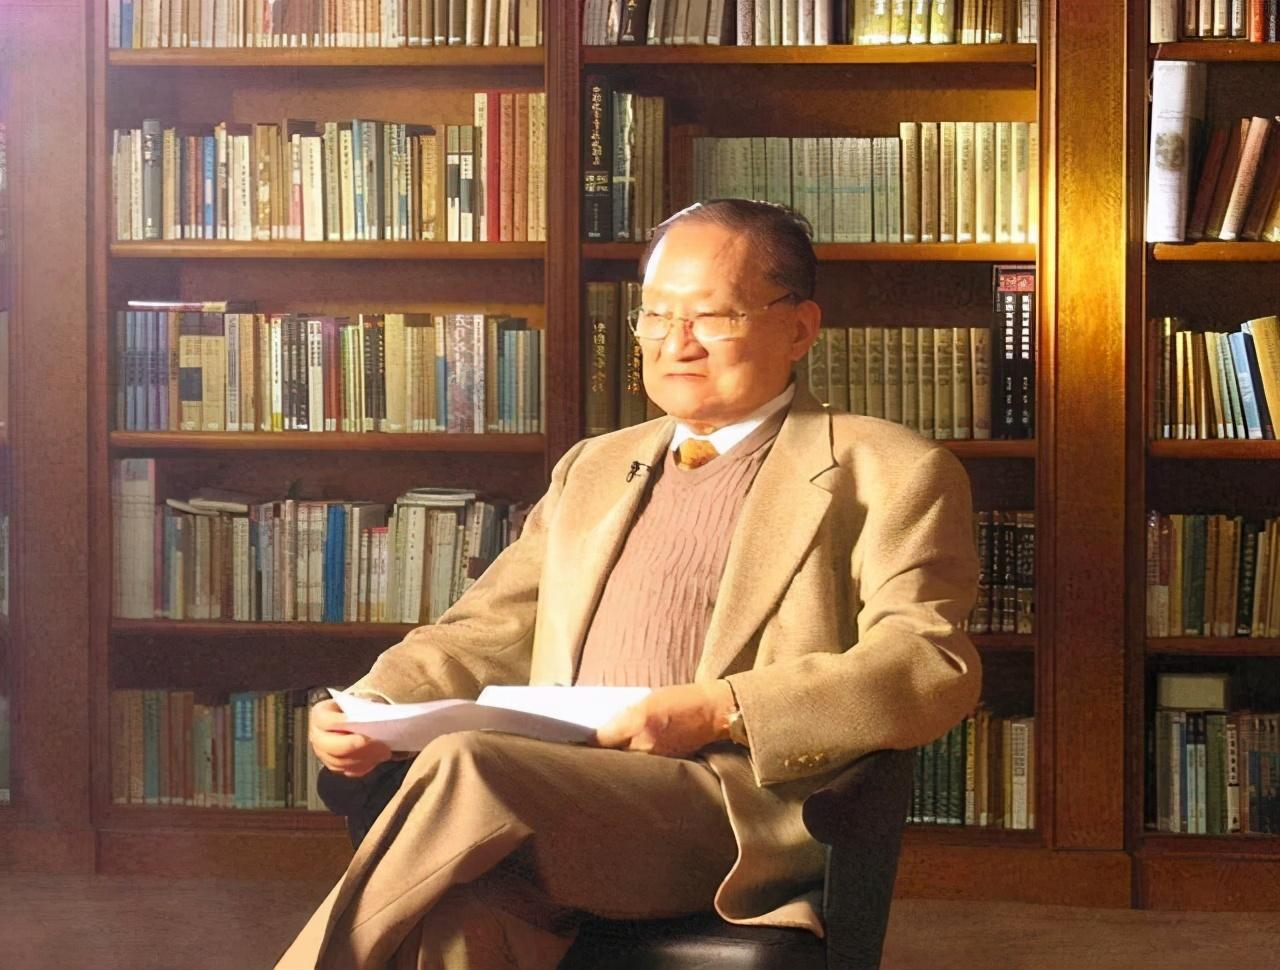 金庸一生创作15部小说,古龙多达七十余部,为何却无法超越金庸